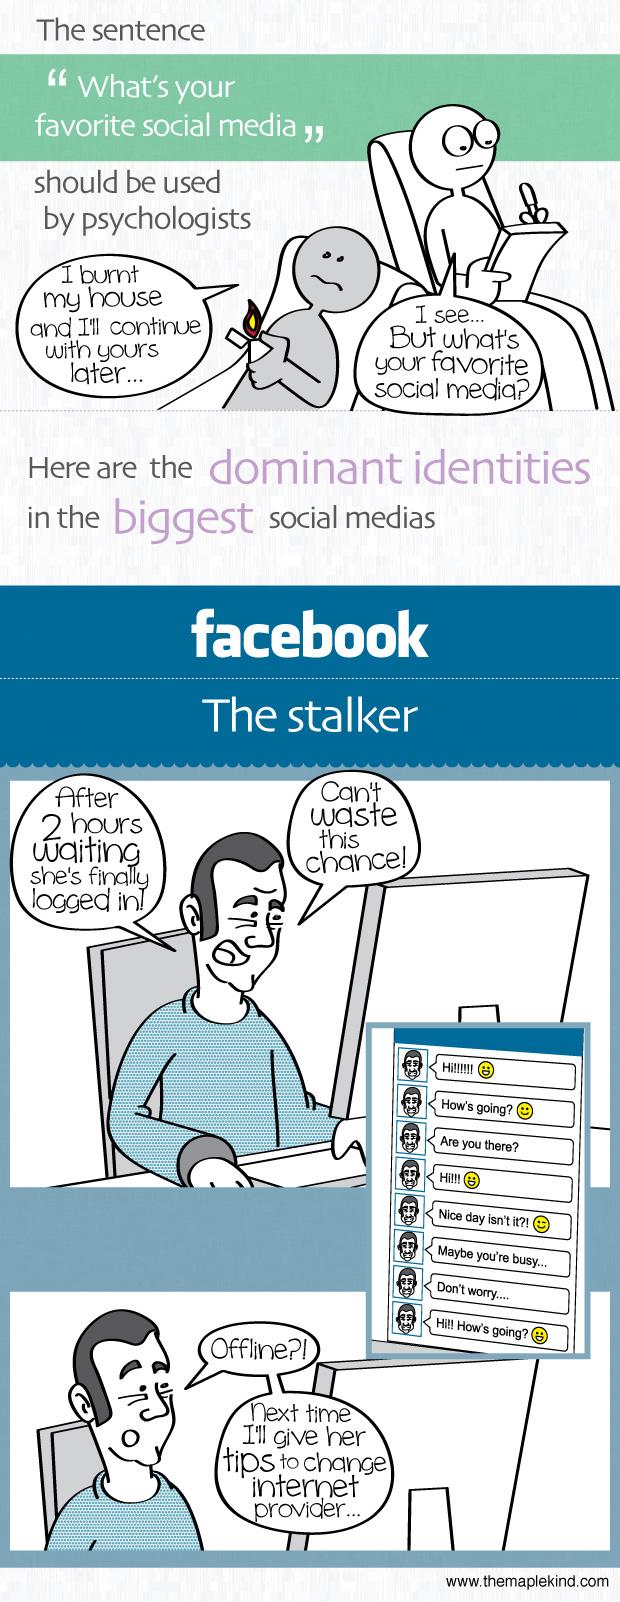 facebook - the stalker